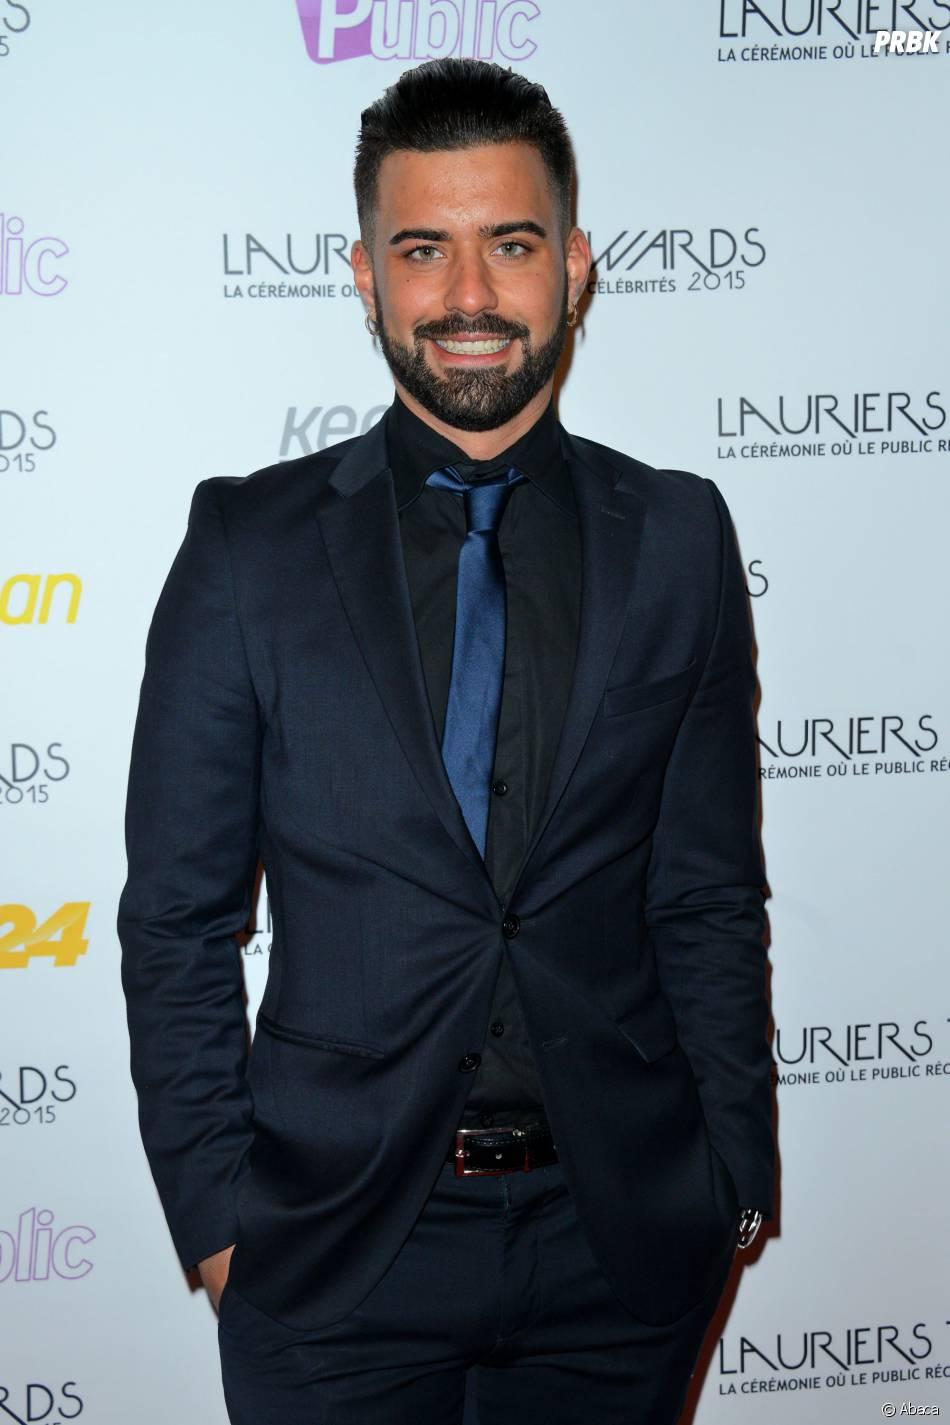 Vincent Queijo (Secret Story 7) sur le tapis-rouge de la cérémonie des Lauriers TV Awards le 6 janvier 2015 à Paris